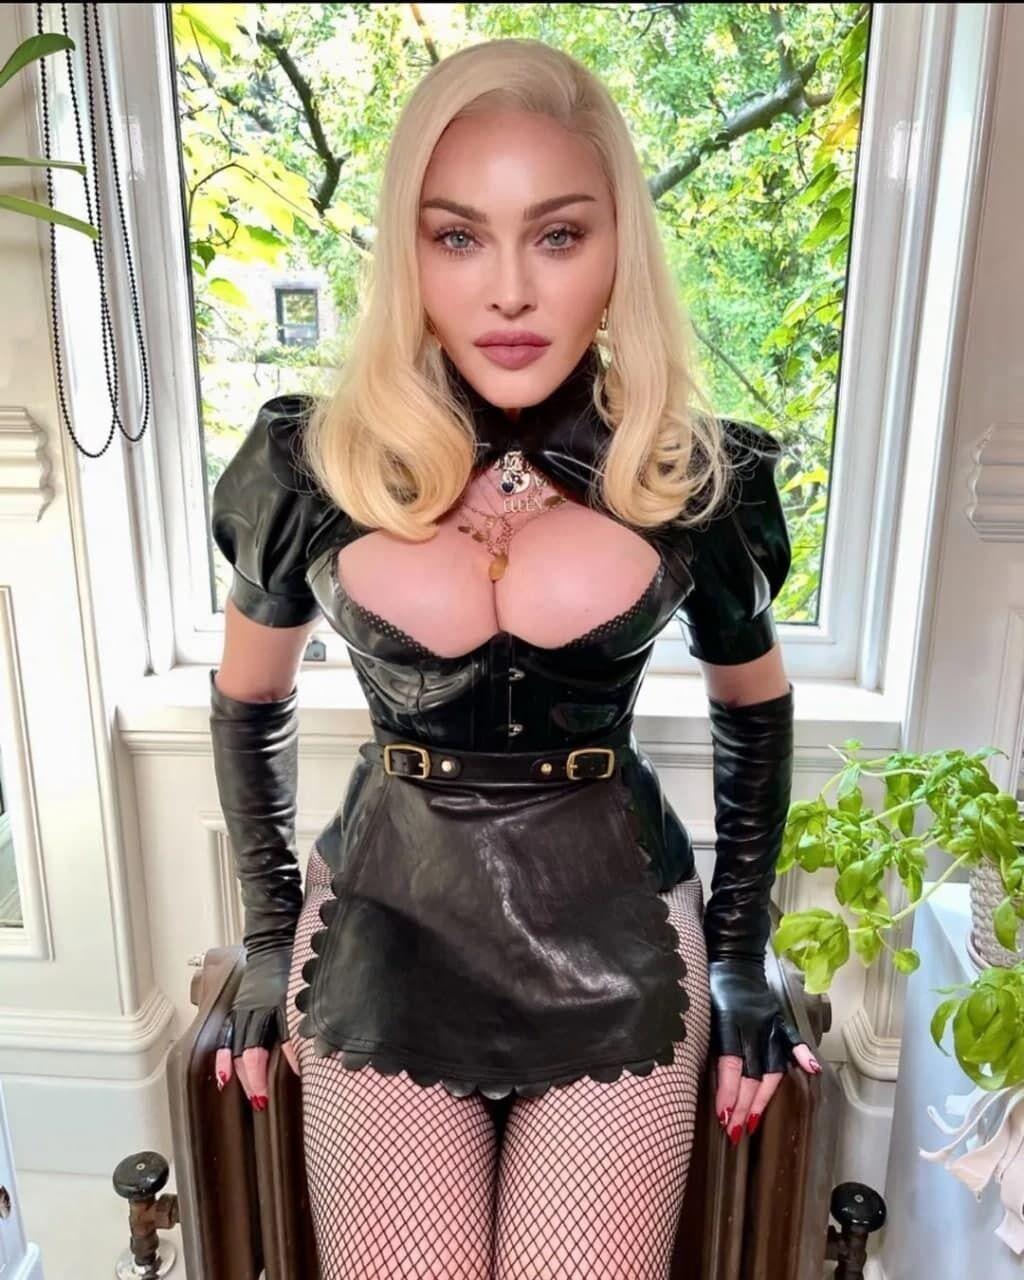 Мадонна позировала на камеру в черном костюме из кожи и латекса